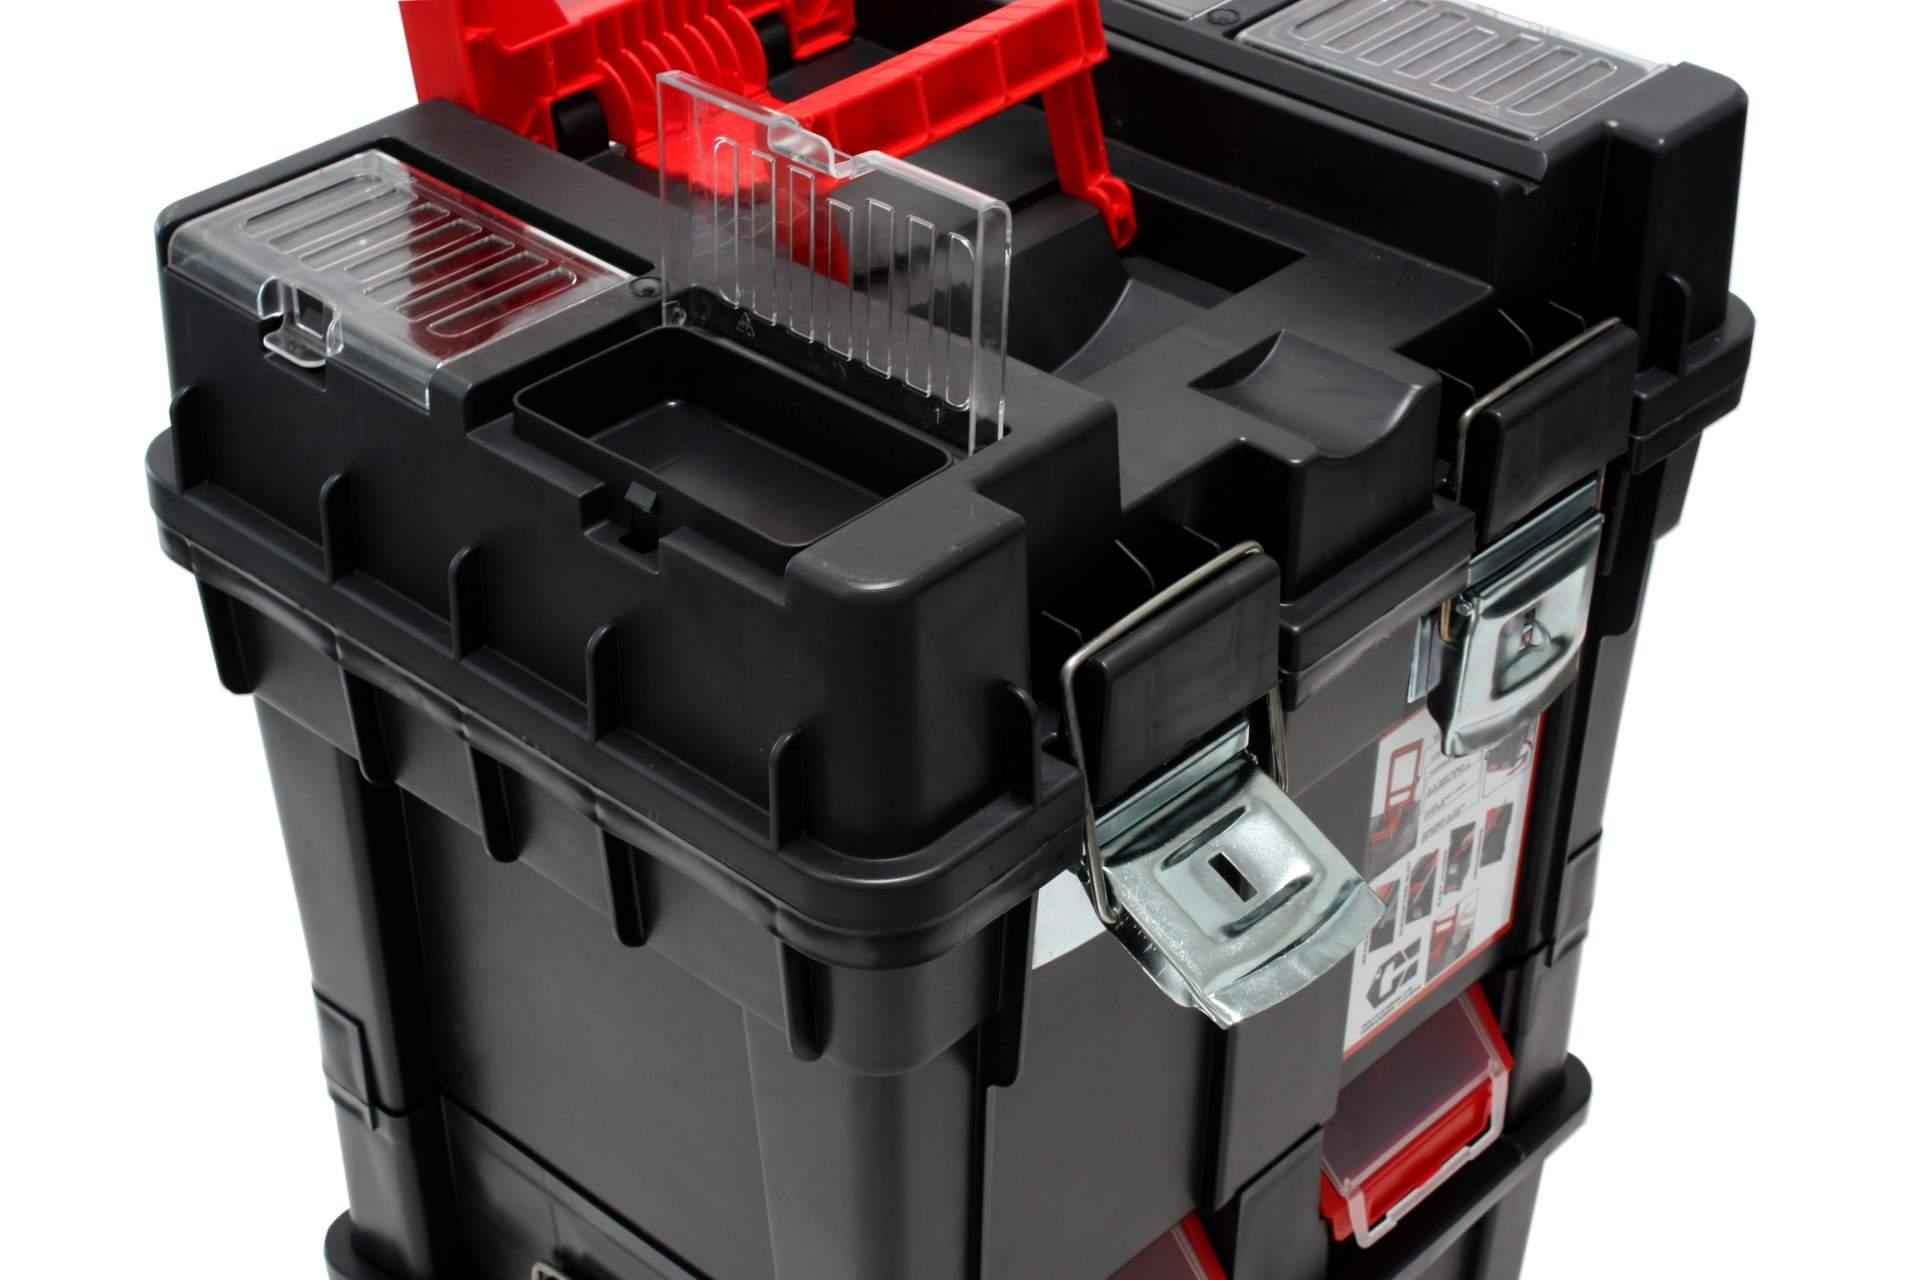 werkzeugbox trolley auf rollen schwarz rot 72 cm werkzeug. Black Bedroom Furniture Sets. Home Design Ideas